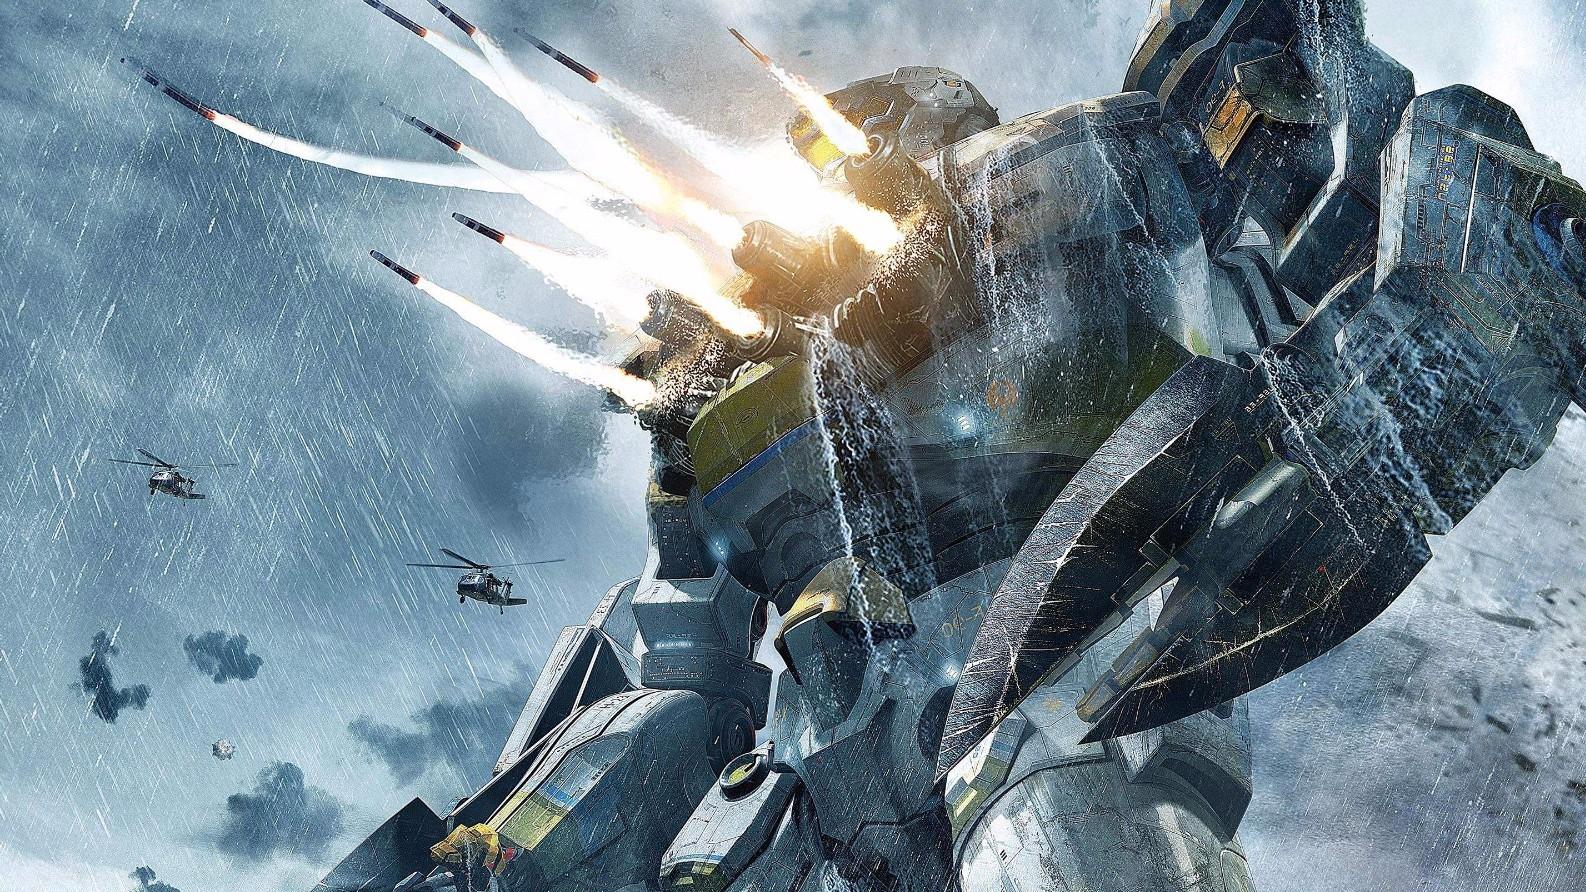 5分钟看完美国科幻电影《怪兽之战》巨型机器人大战海底巨兽